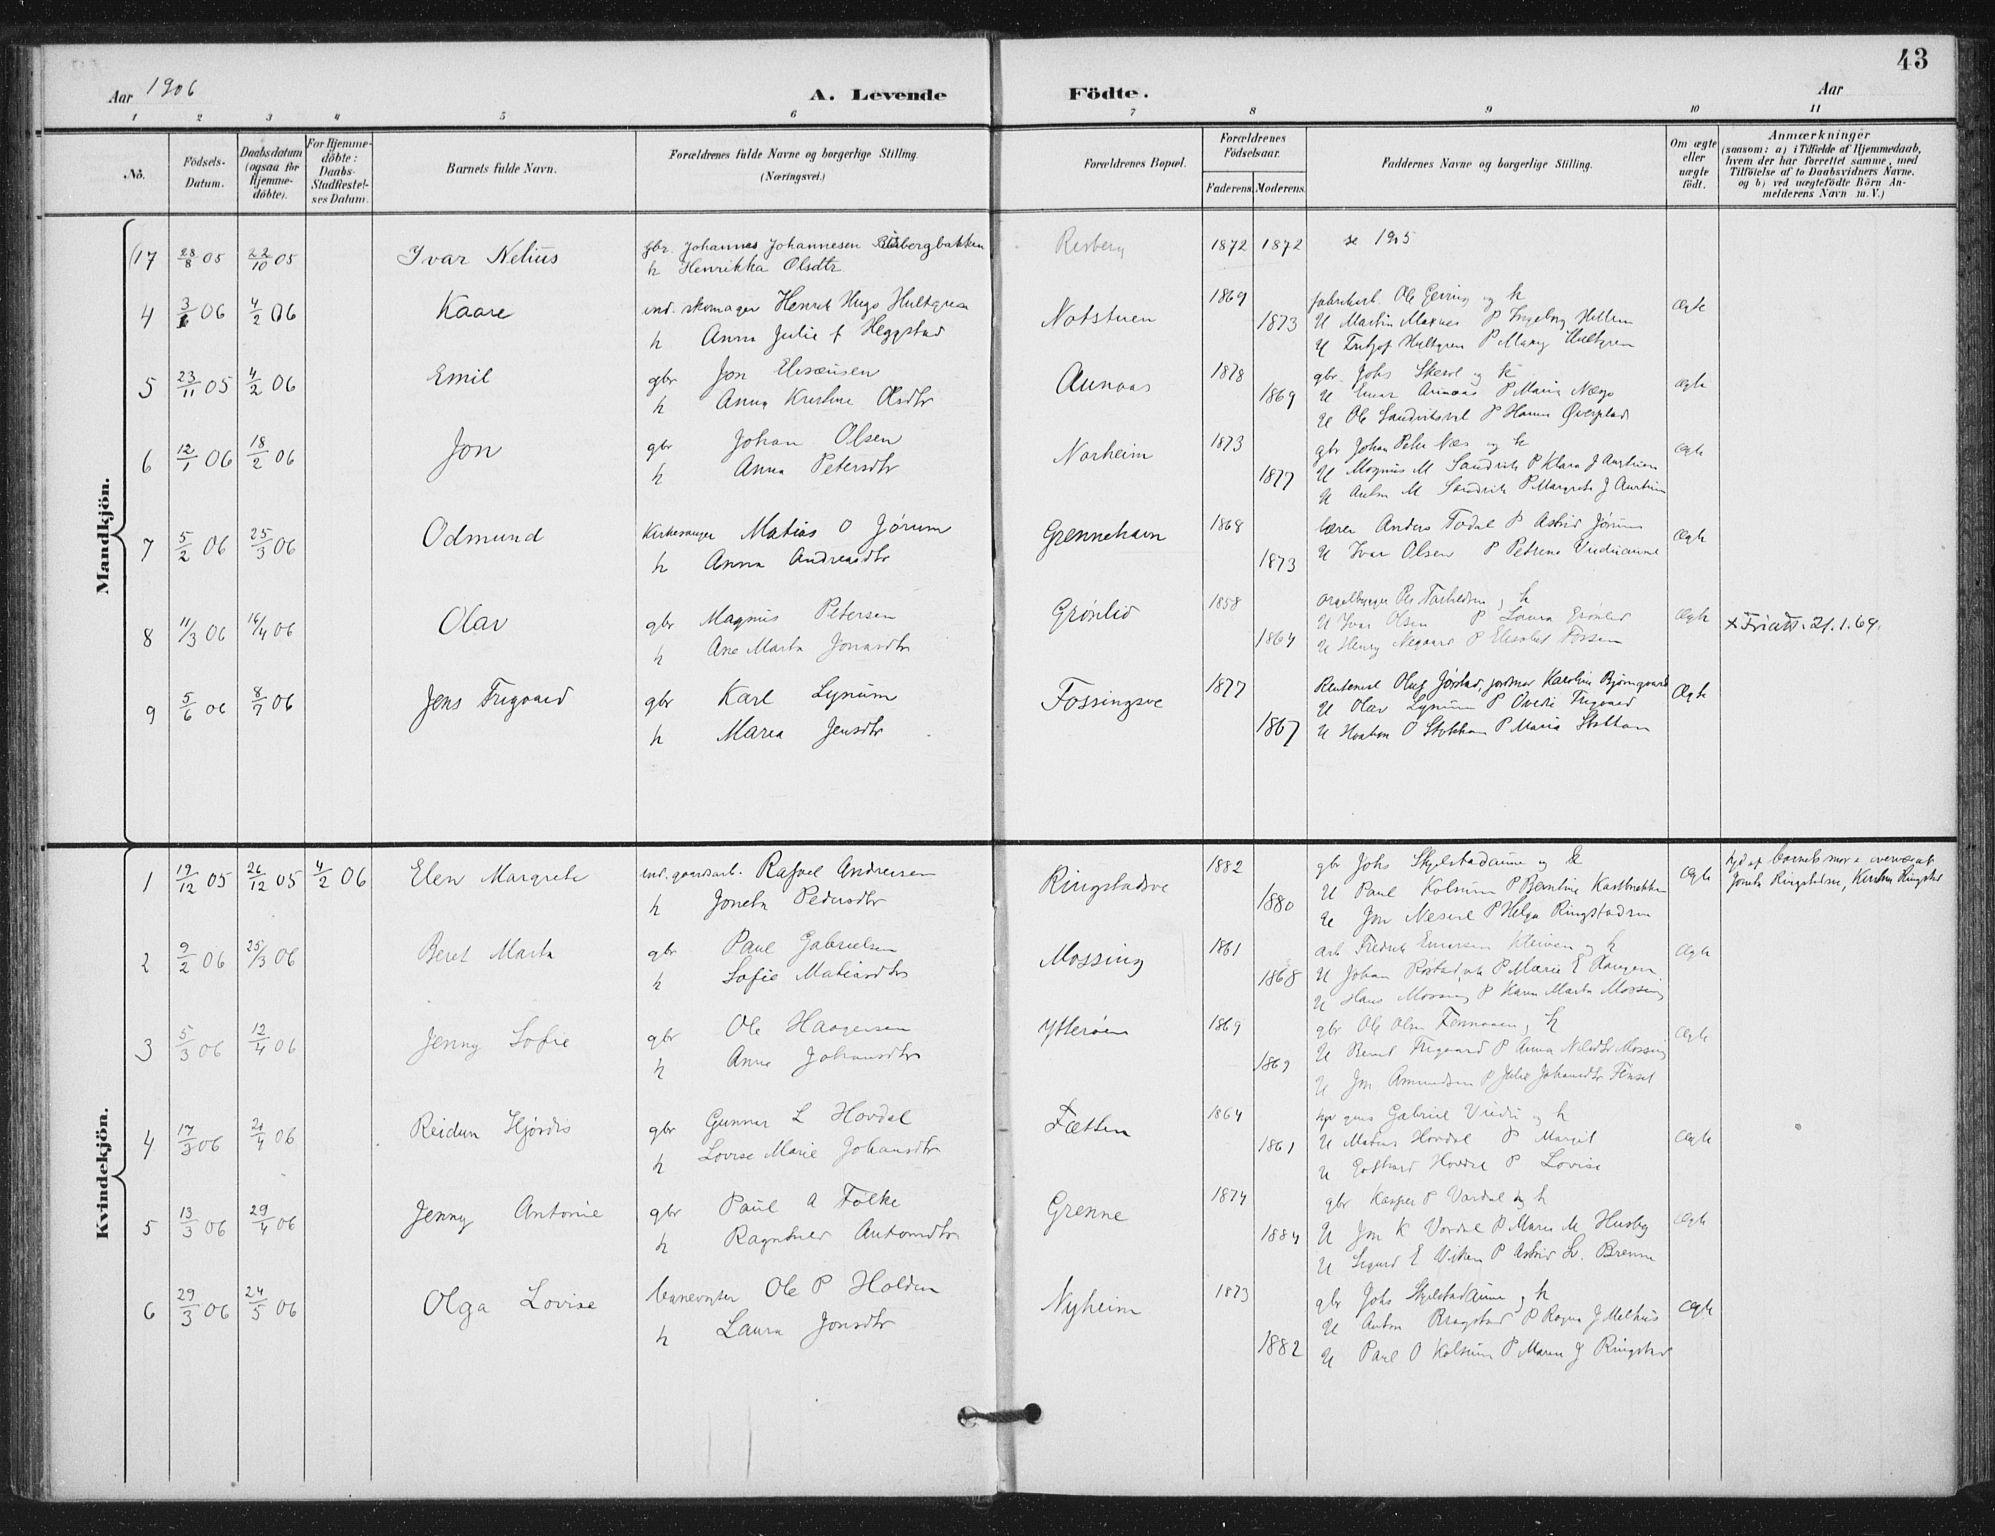 SAT, Ministerialprotokoller, klokkerbøker og fødselsregistre - Nord-Trøndelag, 714/L0131: Ministerialbok nr. 714A02, 1896-1918, s. 43